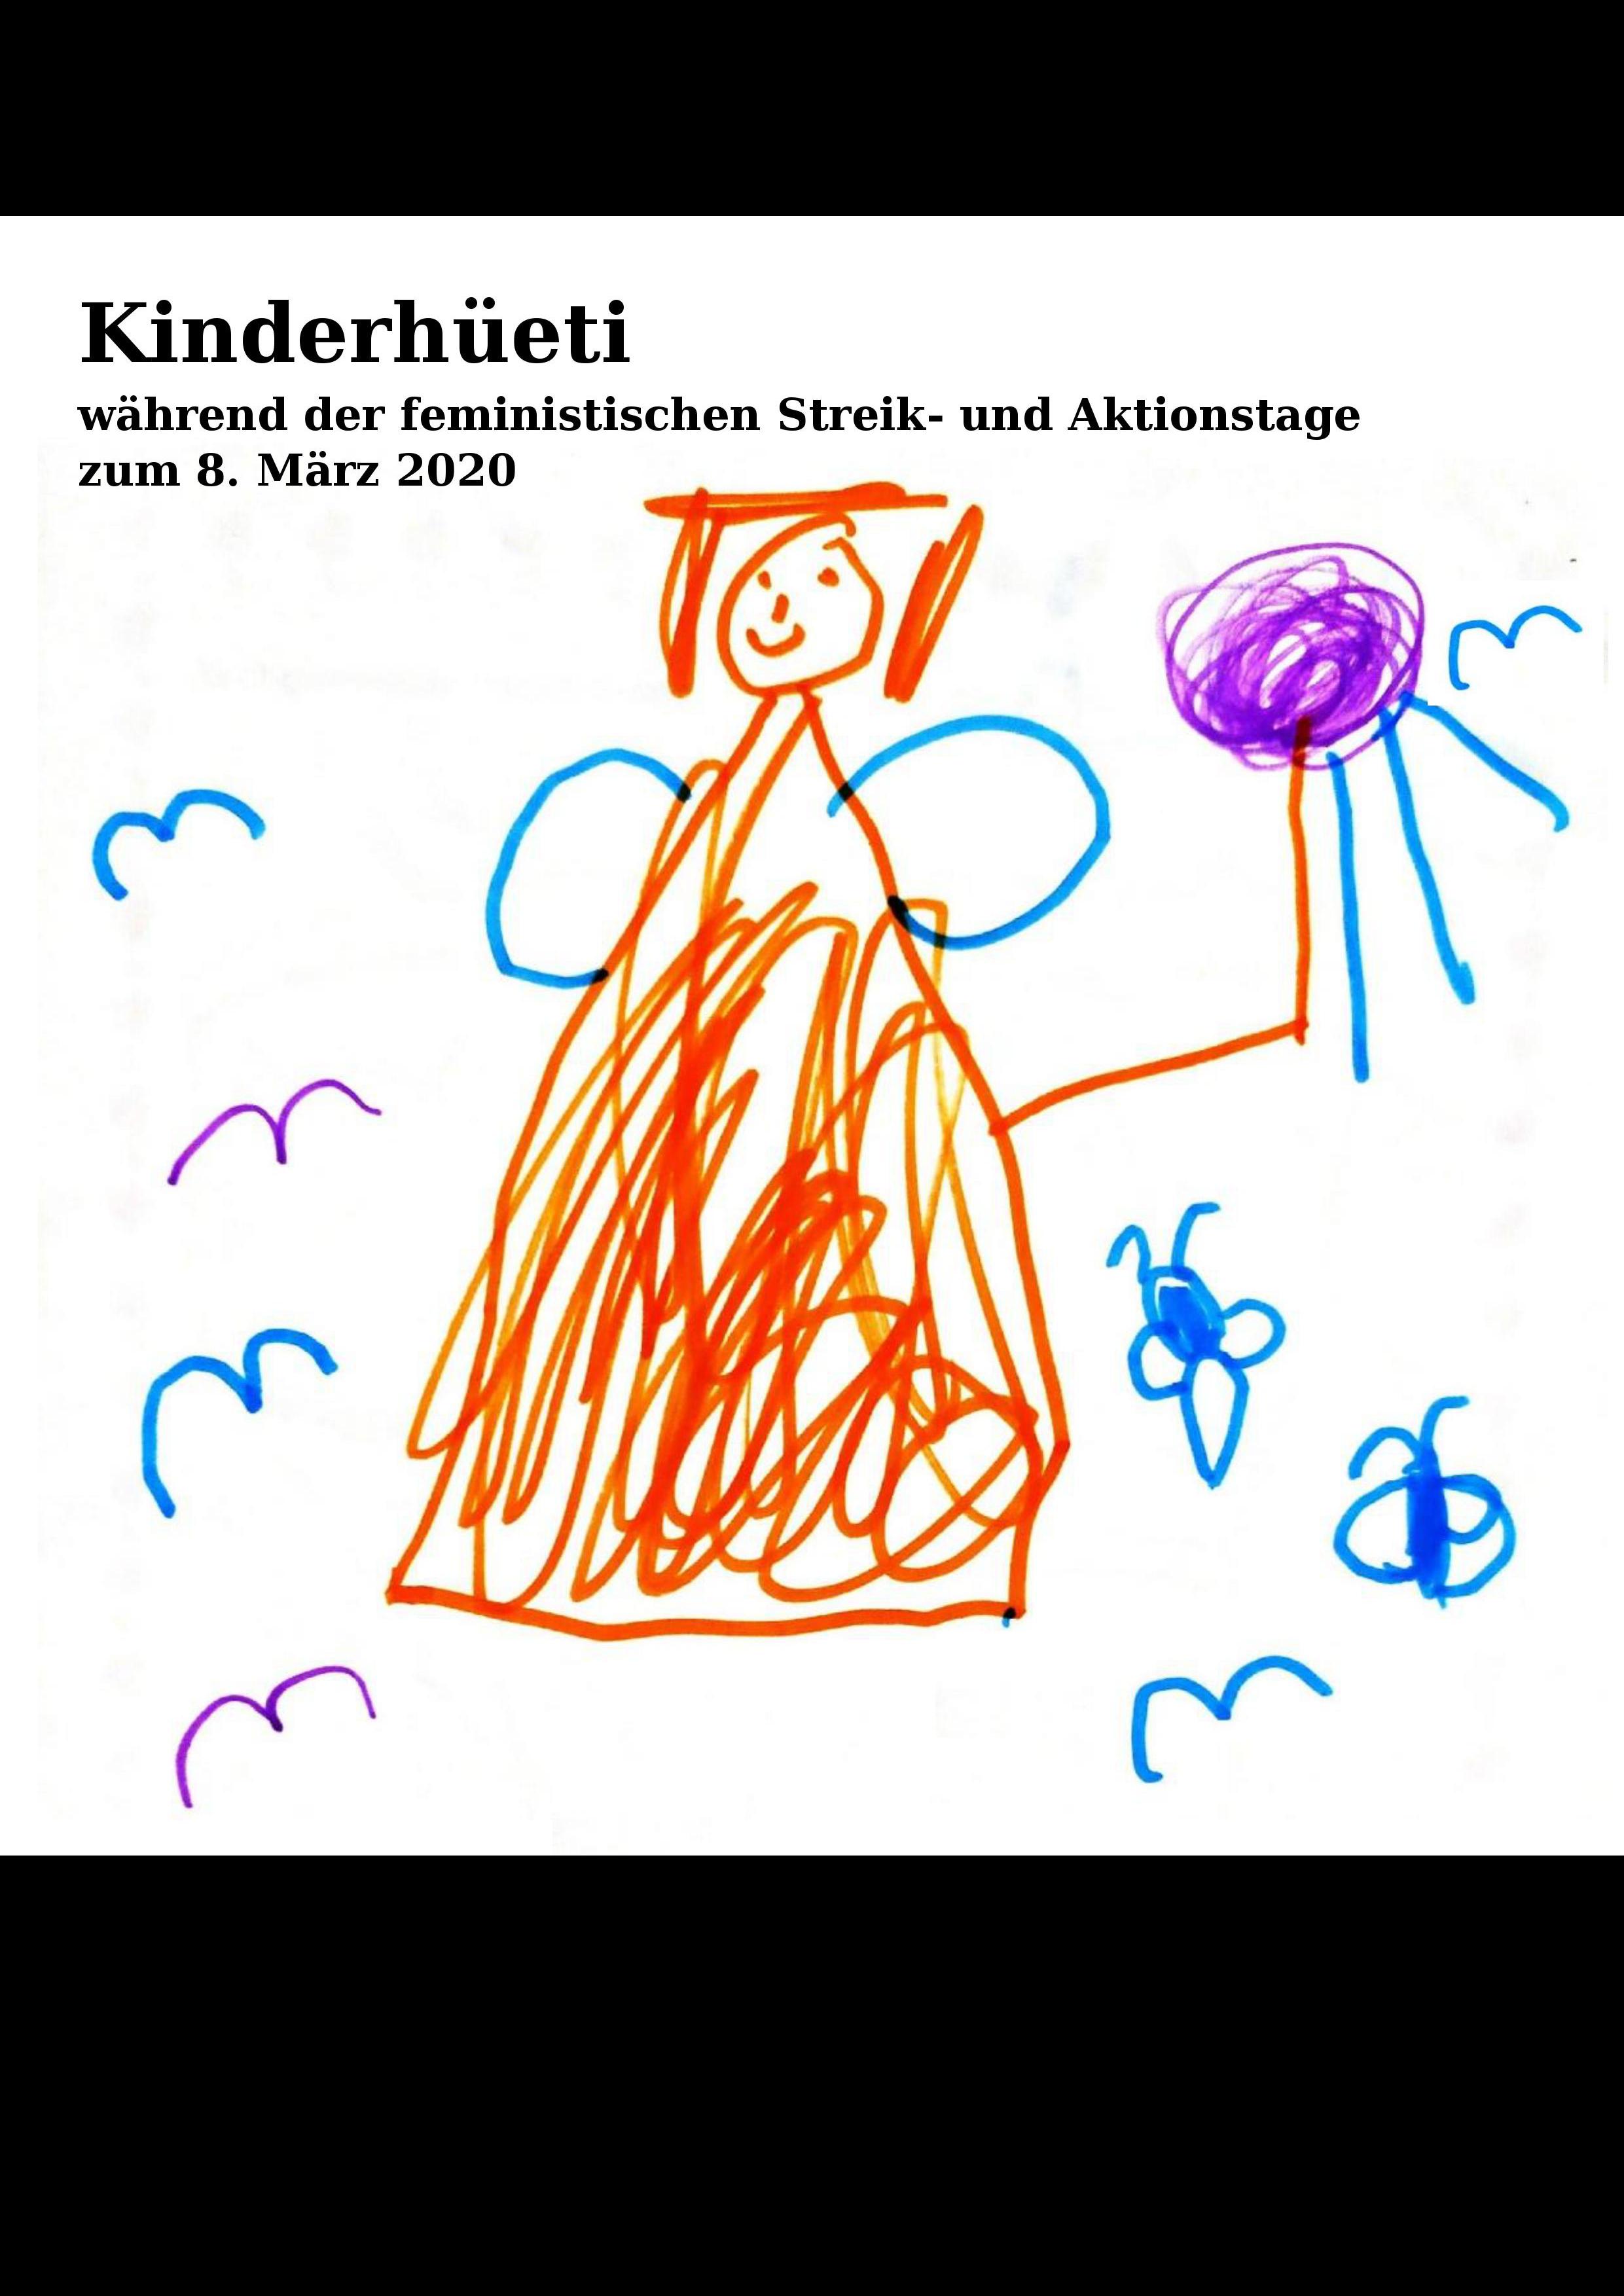 Flyerbild zur Kinderhüeti am 8. März, Kinderzeichnung einer Orangen Figur mit Flügel und Vögel ringsherum